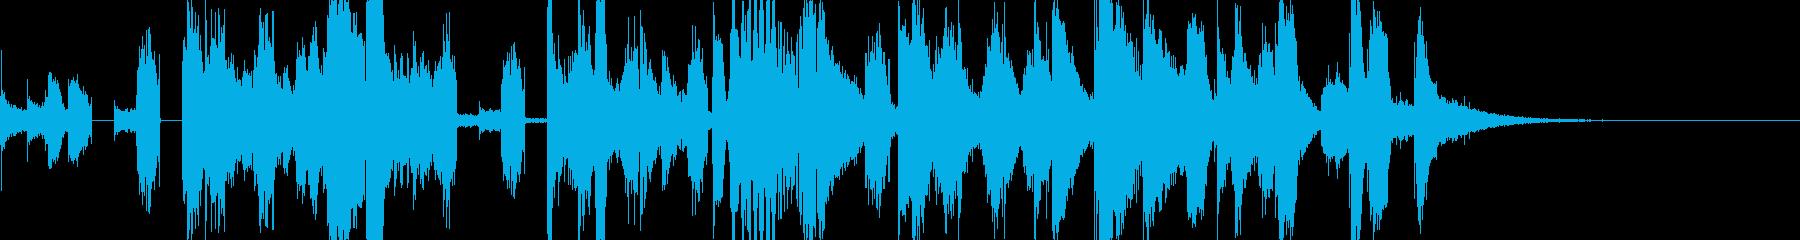 ハッピーで華やかなジングル9.5秒verの再生済みの波形